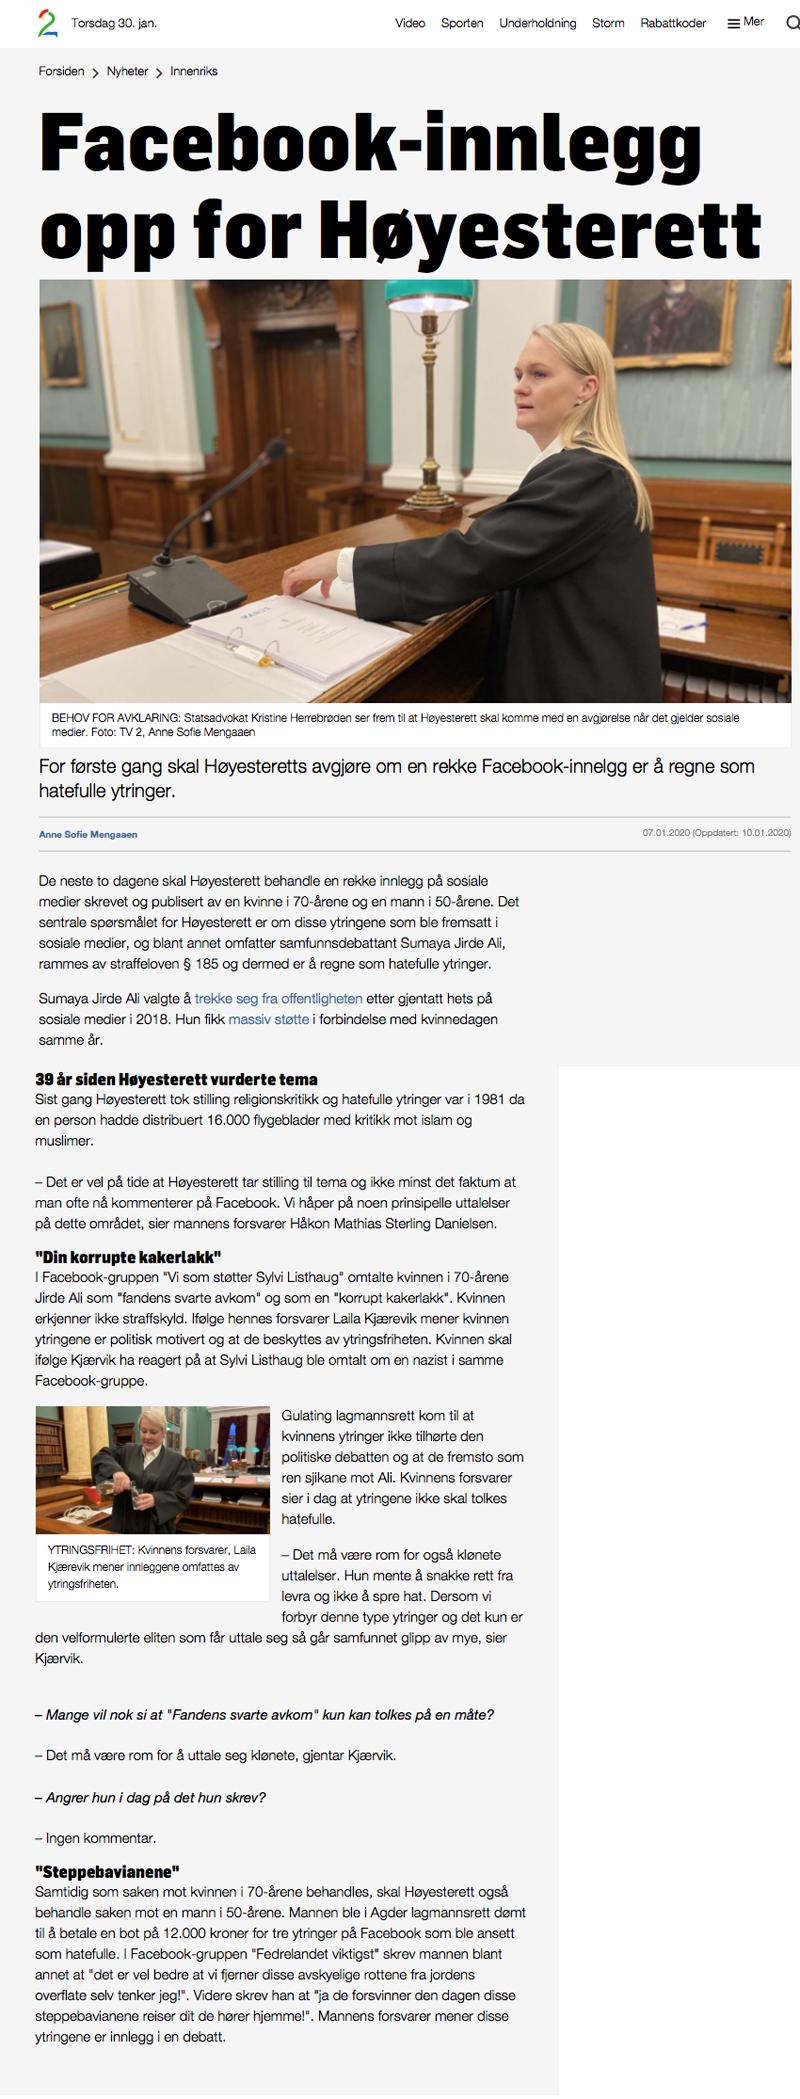 Ytringsfrihet Advokat. Facebook-innlegg opp for høyesterett. Advokat Danielsen & Co. Per Danielsen. Arbeidsrett advokat i Oslo.